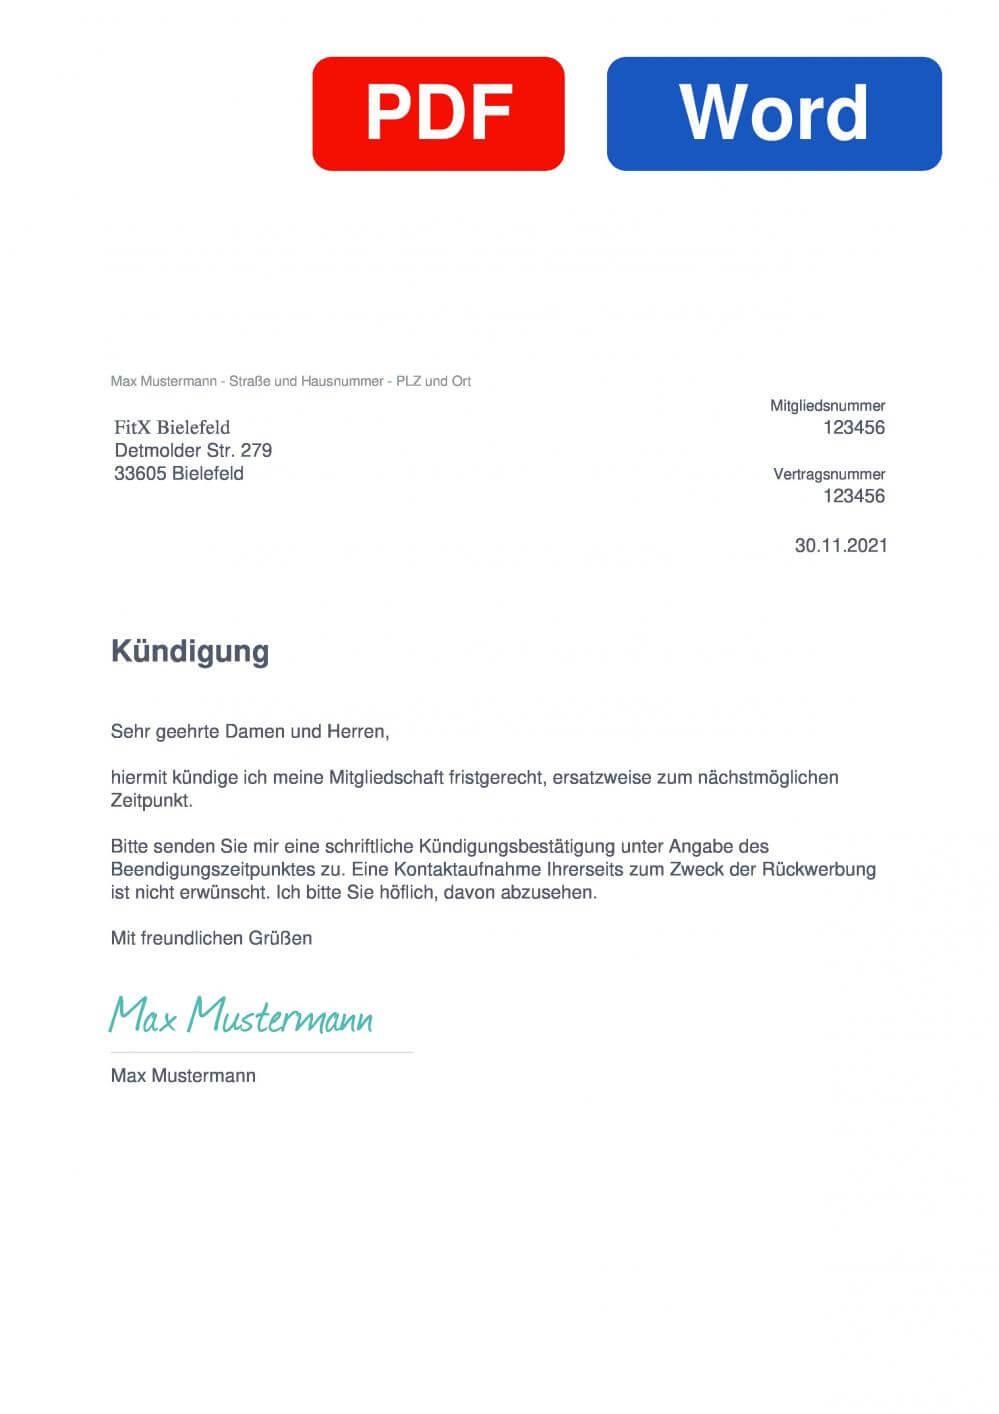 FitX Bielefeld Muster Vorlage für Kündigungsschreiben